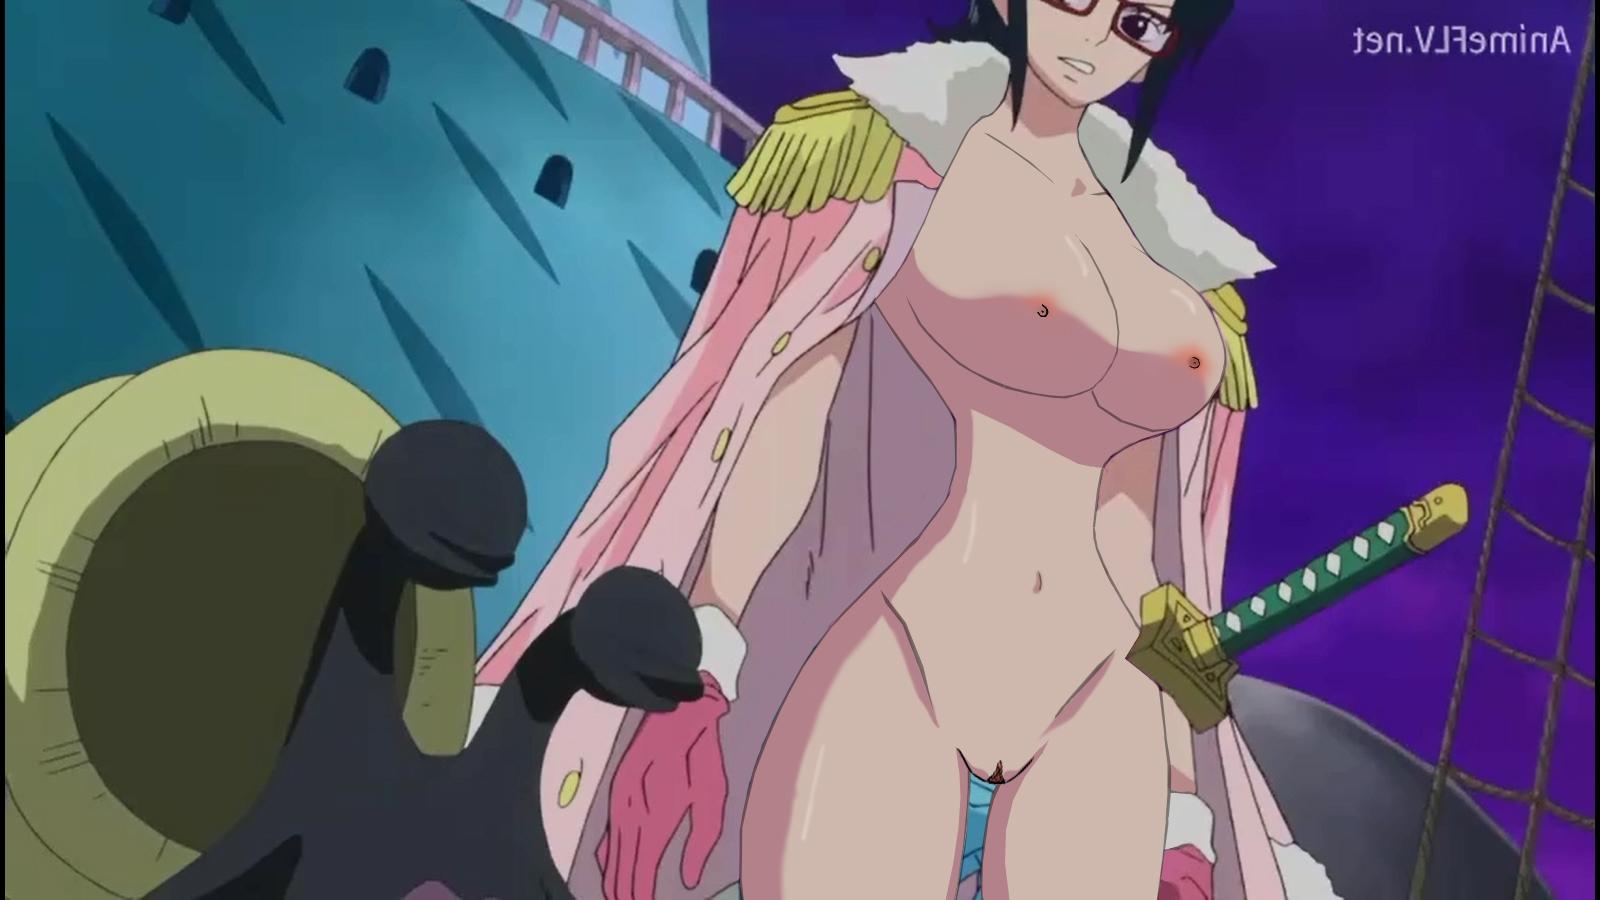 Toon sex pic ##0001301374532 lolo123135 one piece tagme tashigi